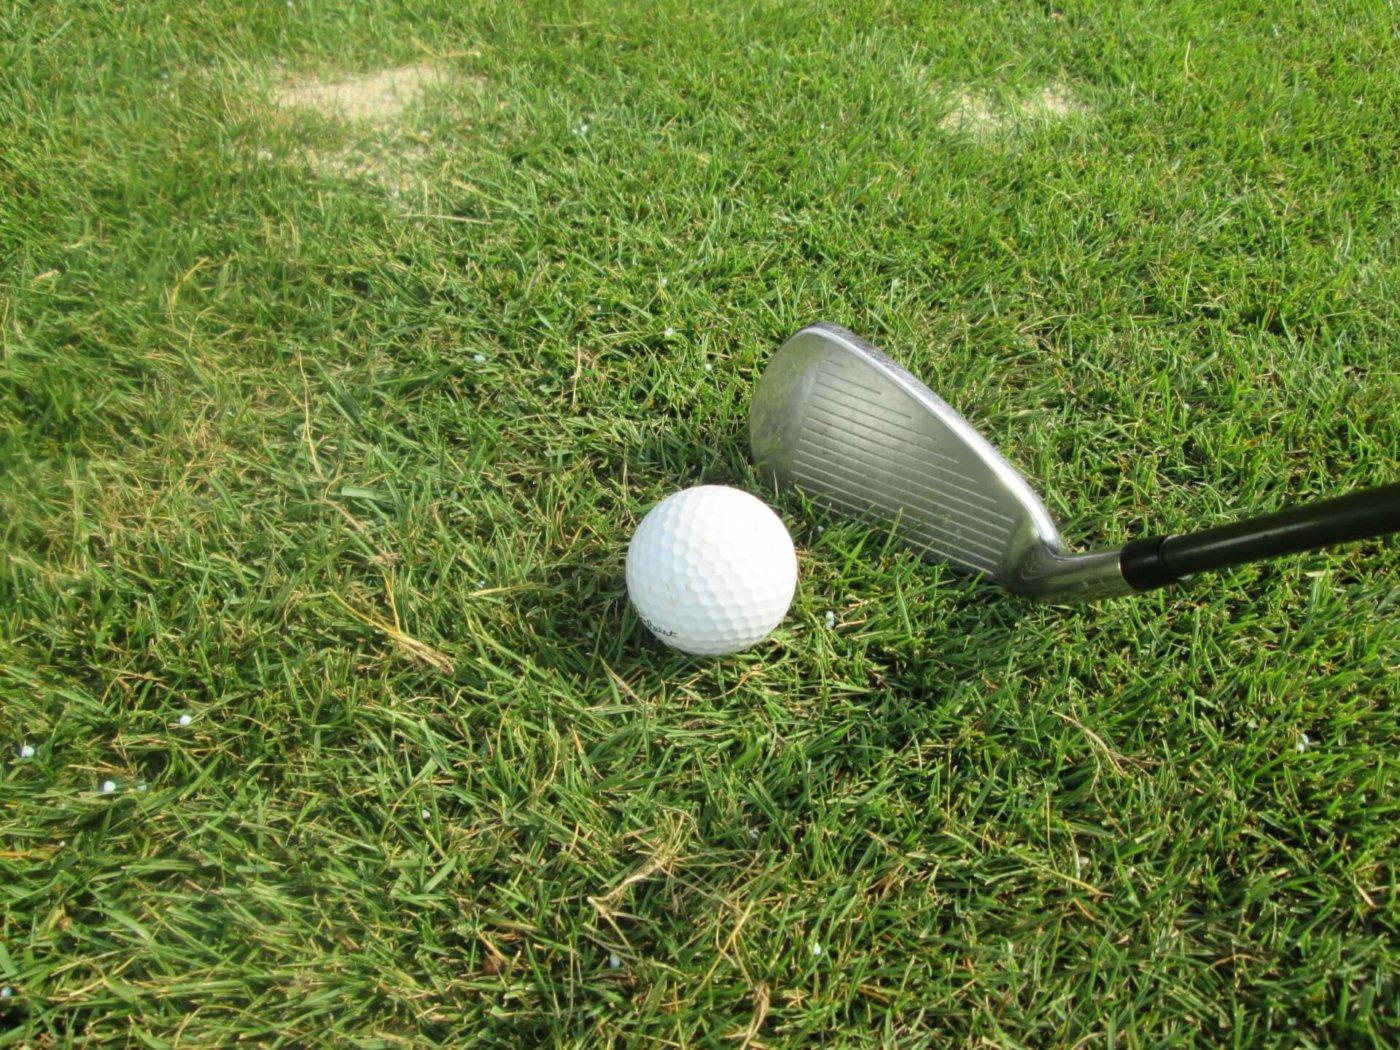 ゴルフ用語の「シャンク」